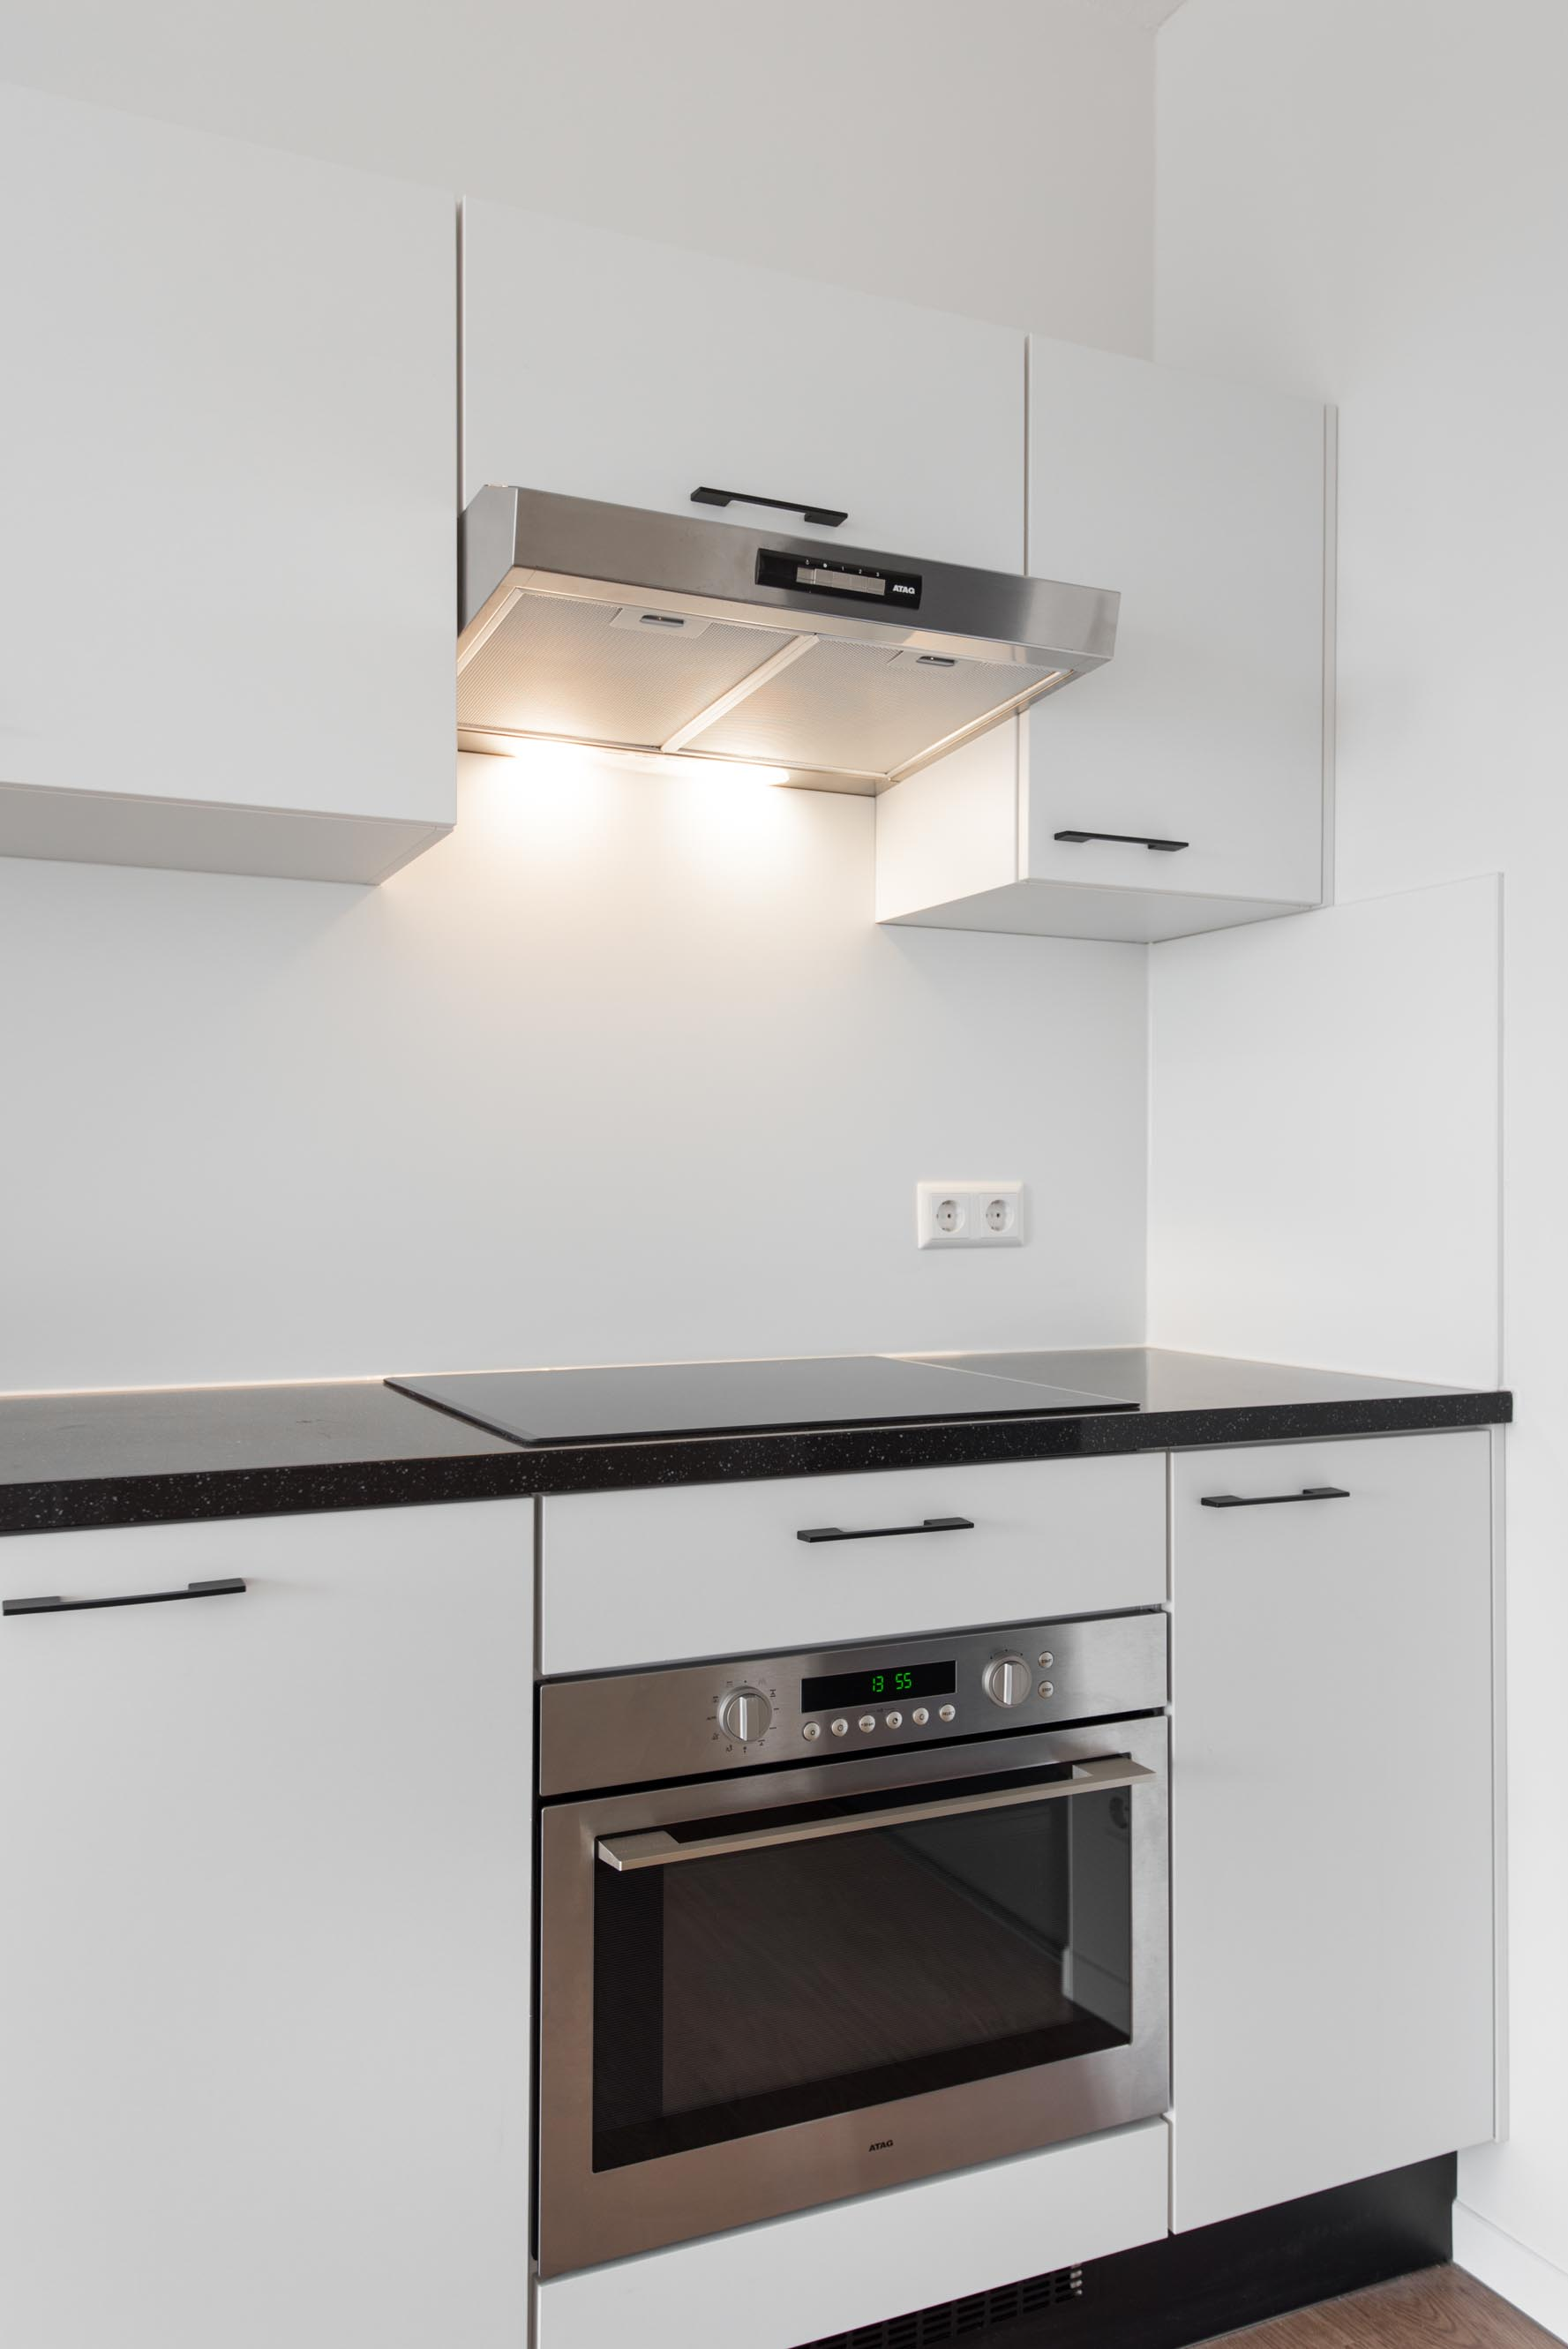 1-bedroom unfurnished apartment in OurDomain Amsterdam Diemen -kitchen detail